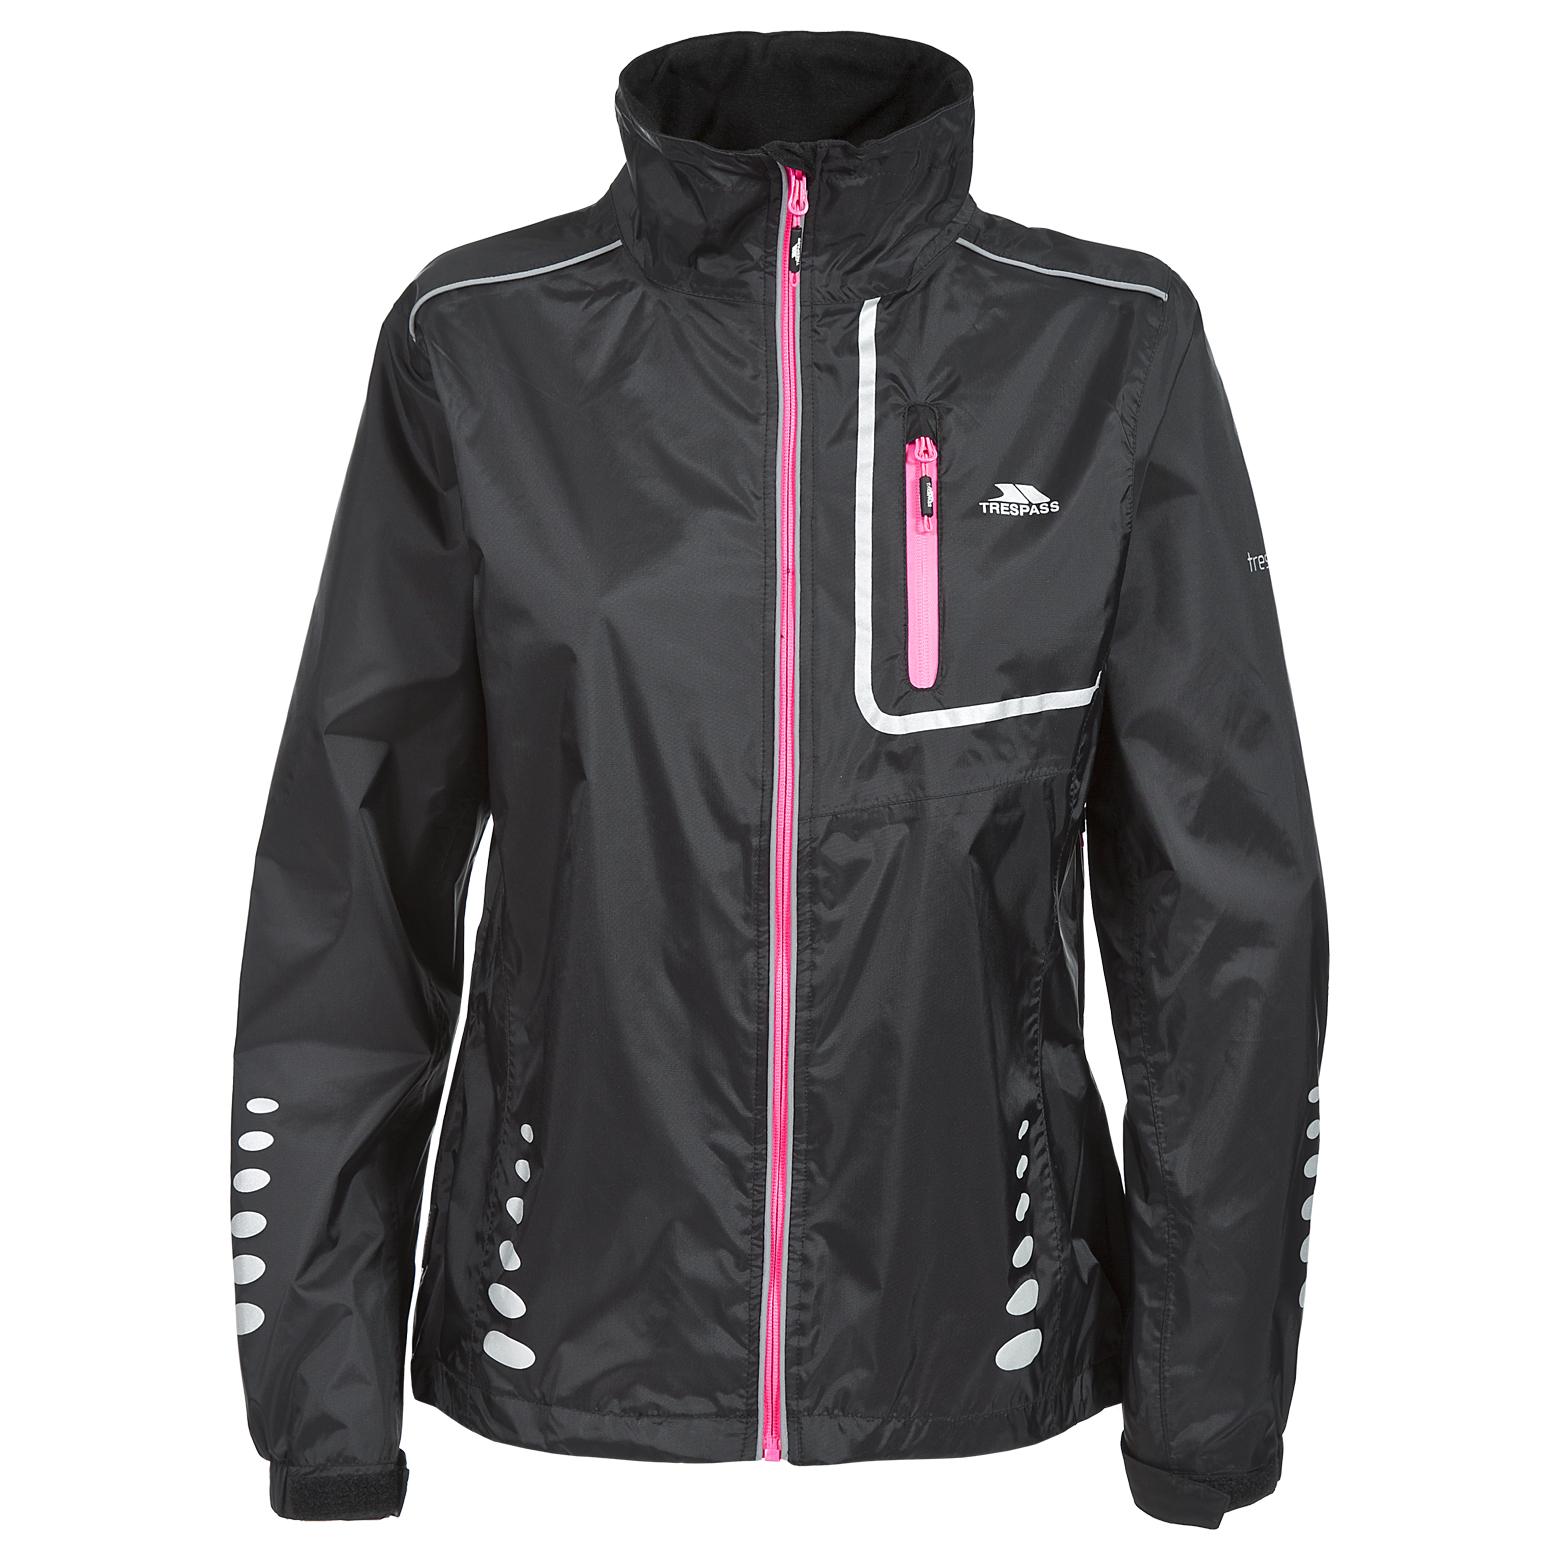 Trespass Fairing Womens Waterproof Cycling Jacket Lightweight ...